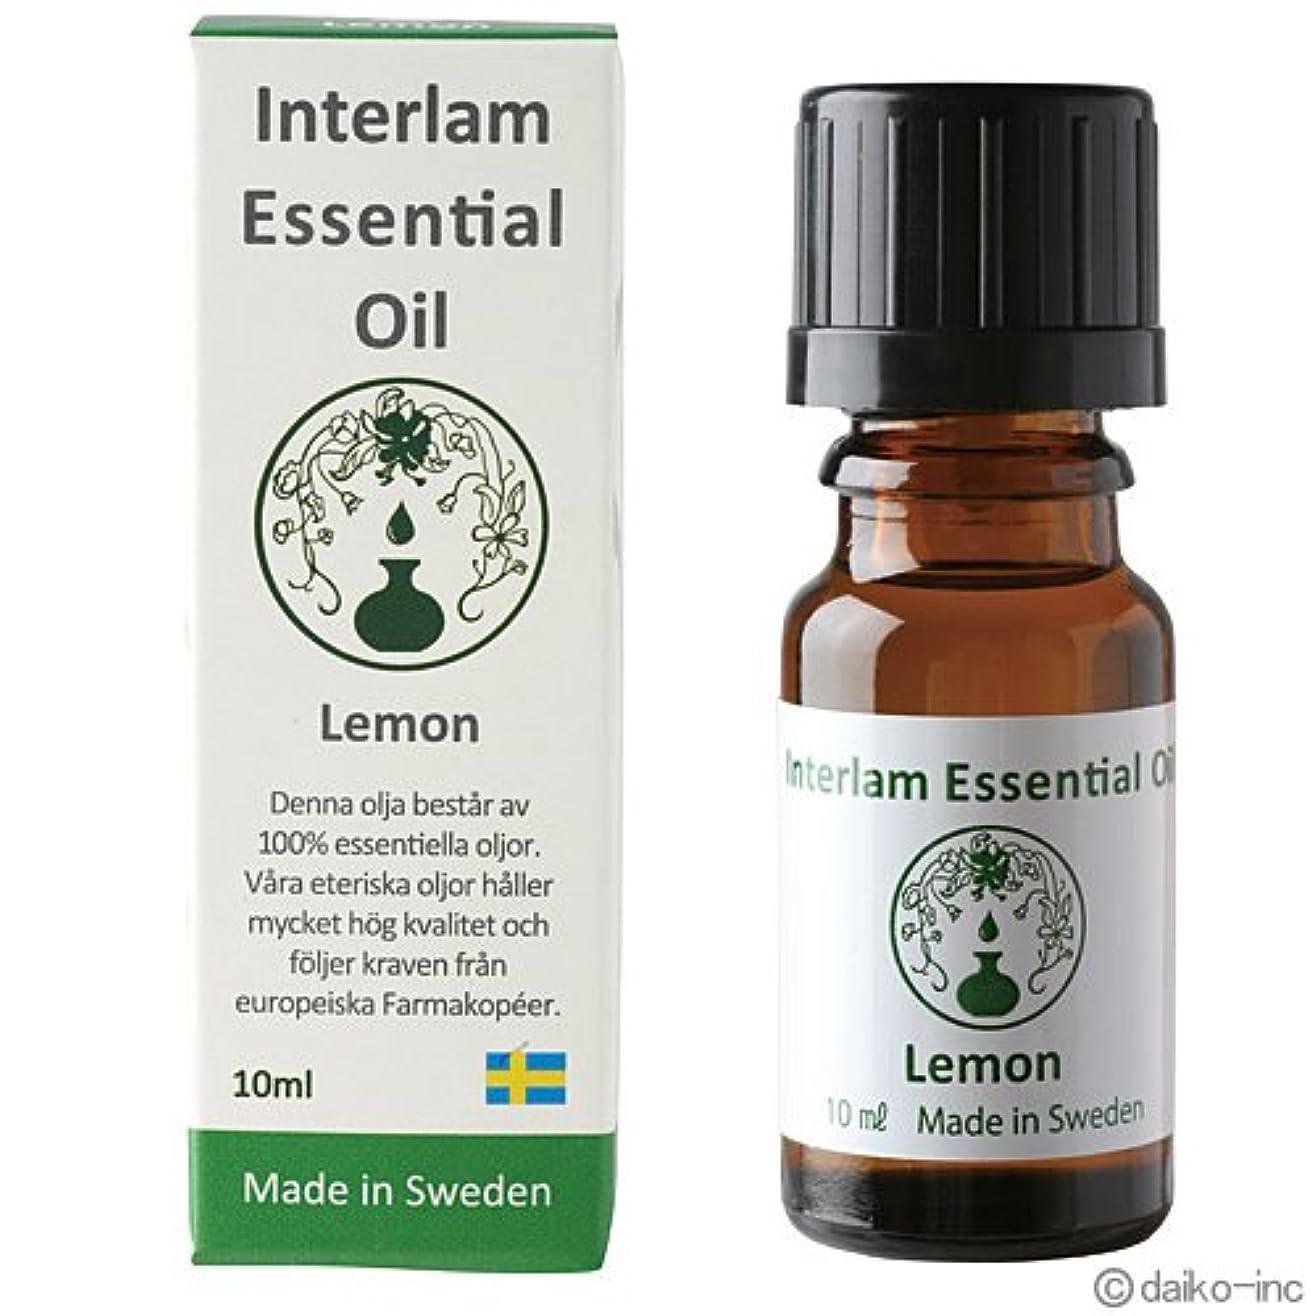 決めます待ってラフレシアアルノルディInterlam Essential Oil レモン 10ml